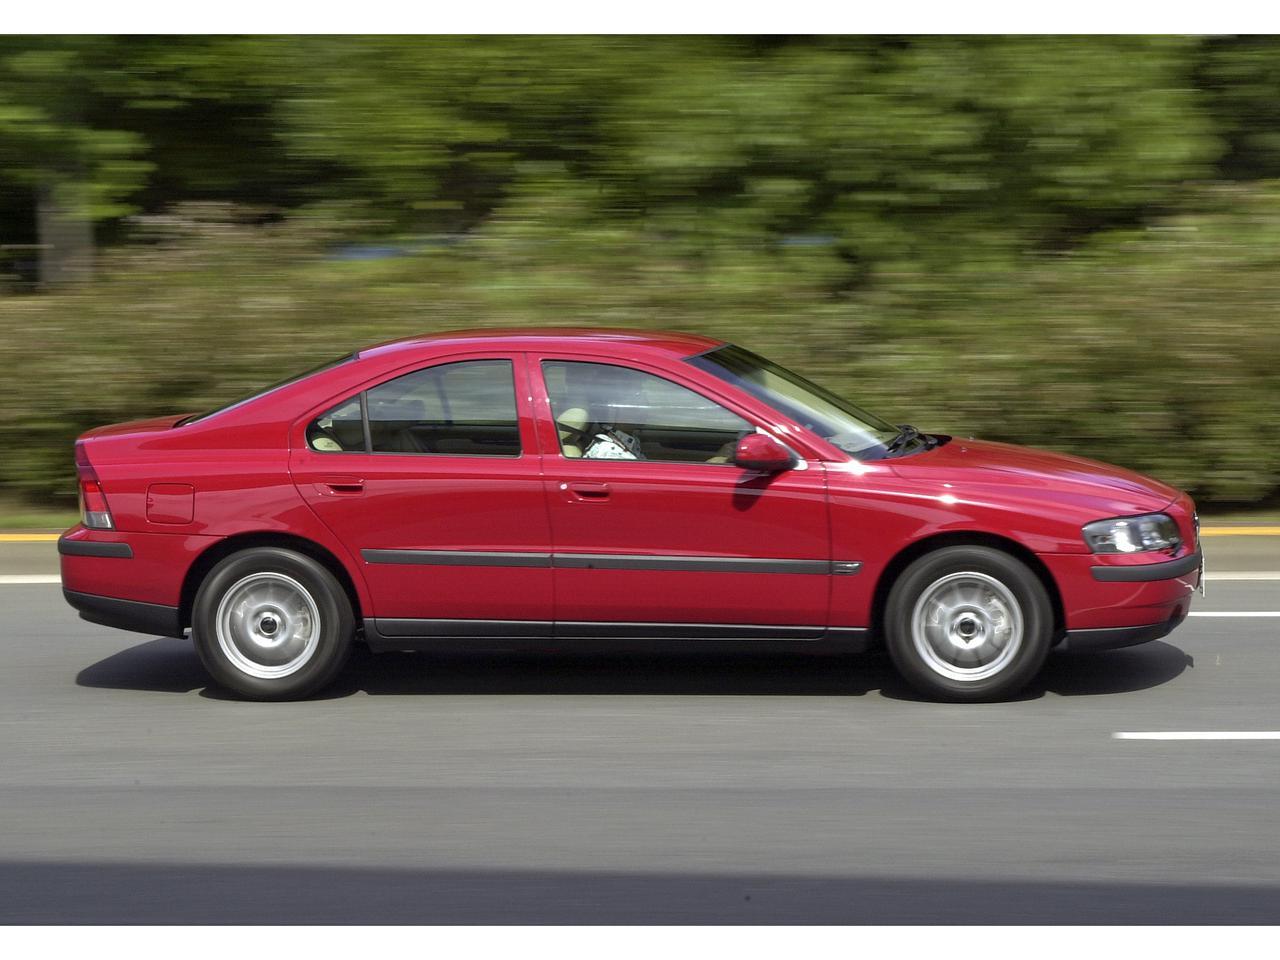 【懐かしの輸入車 65】ボルボ S60はベーシックグレードでも十分なパフォーマンスを発揮した